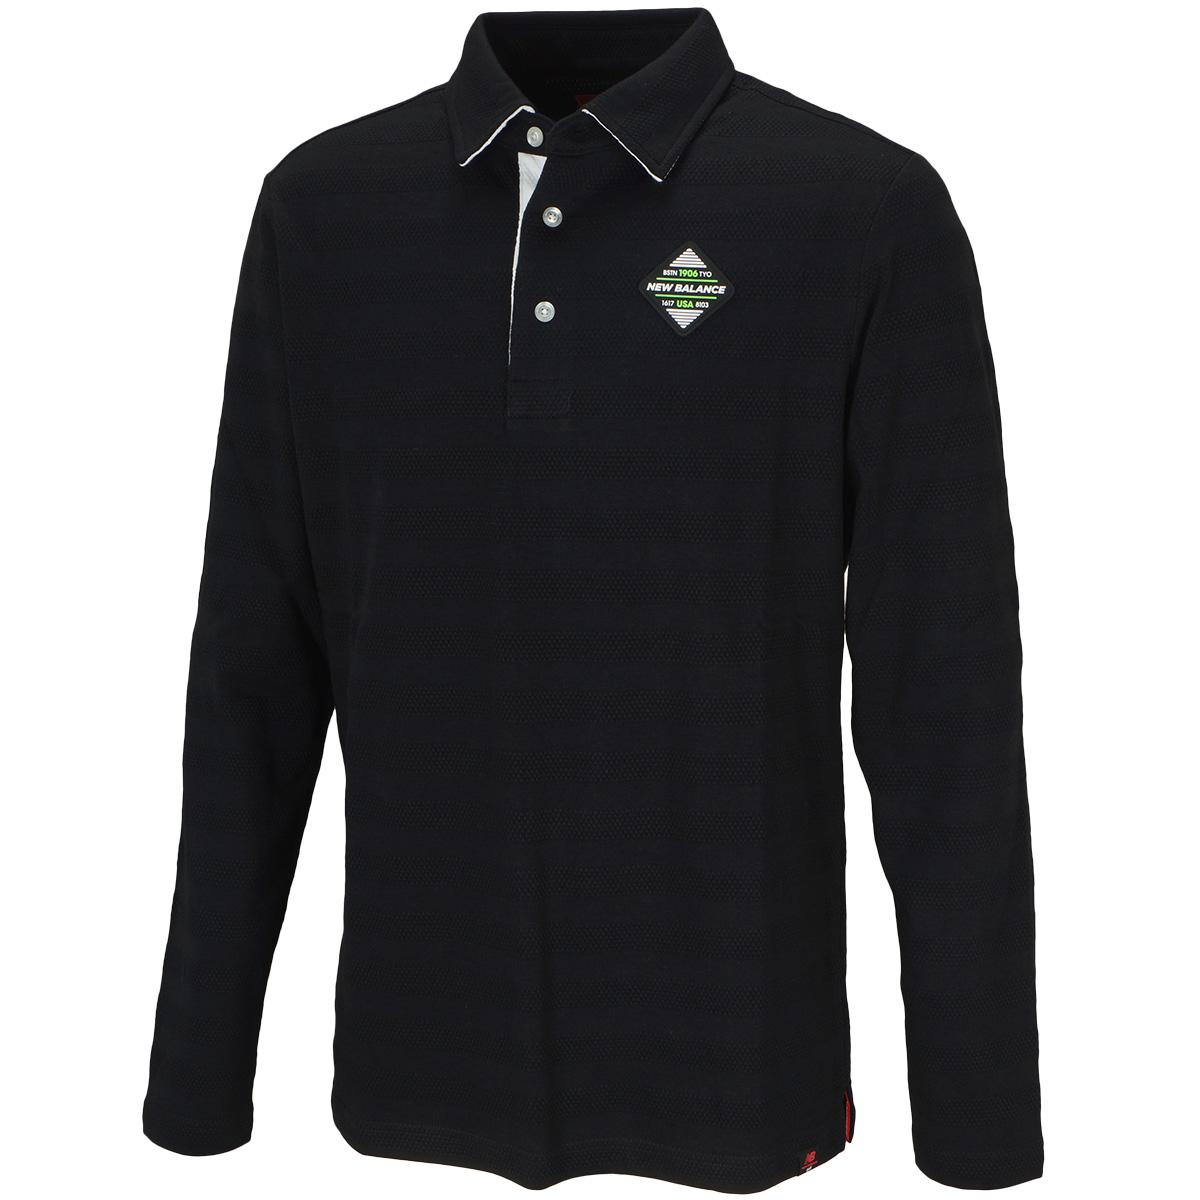 METRO カラー 長袖ポロシャツ